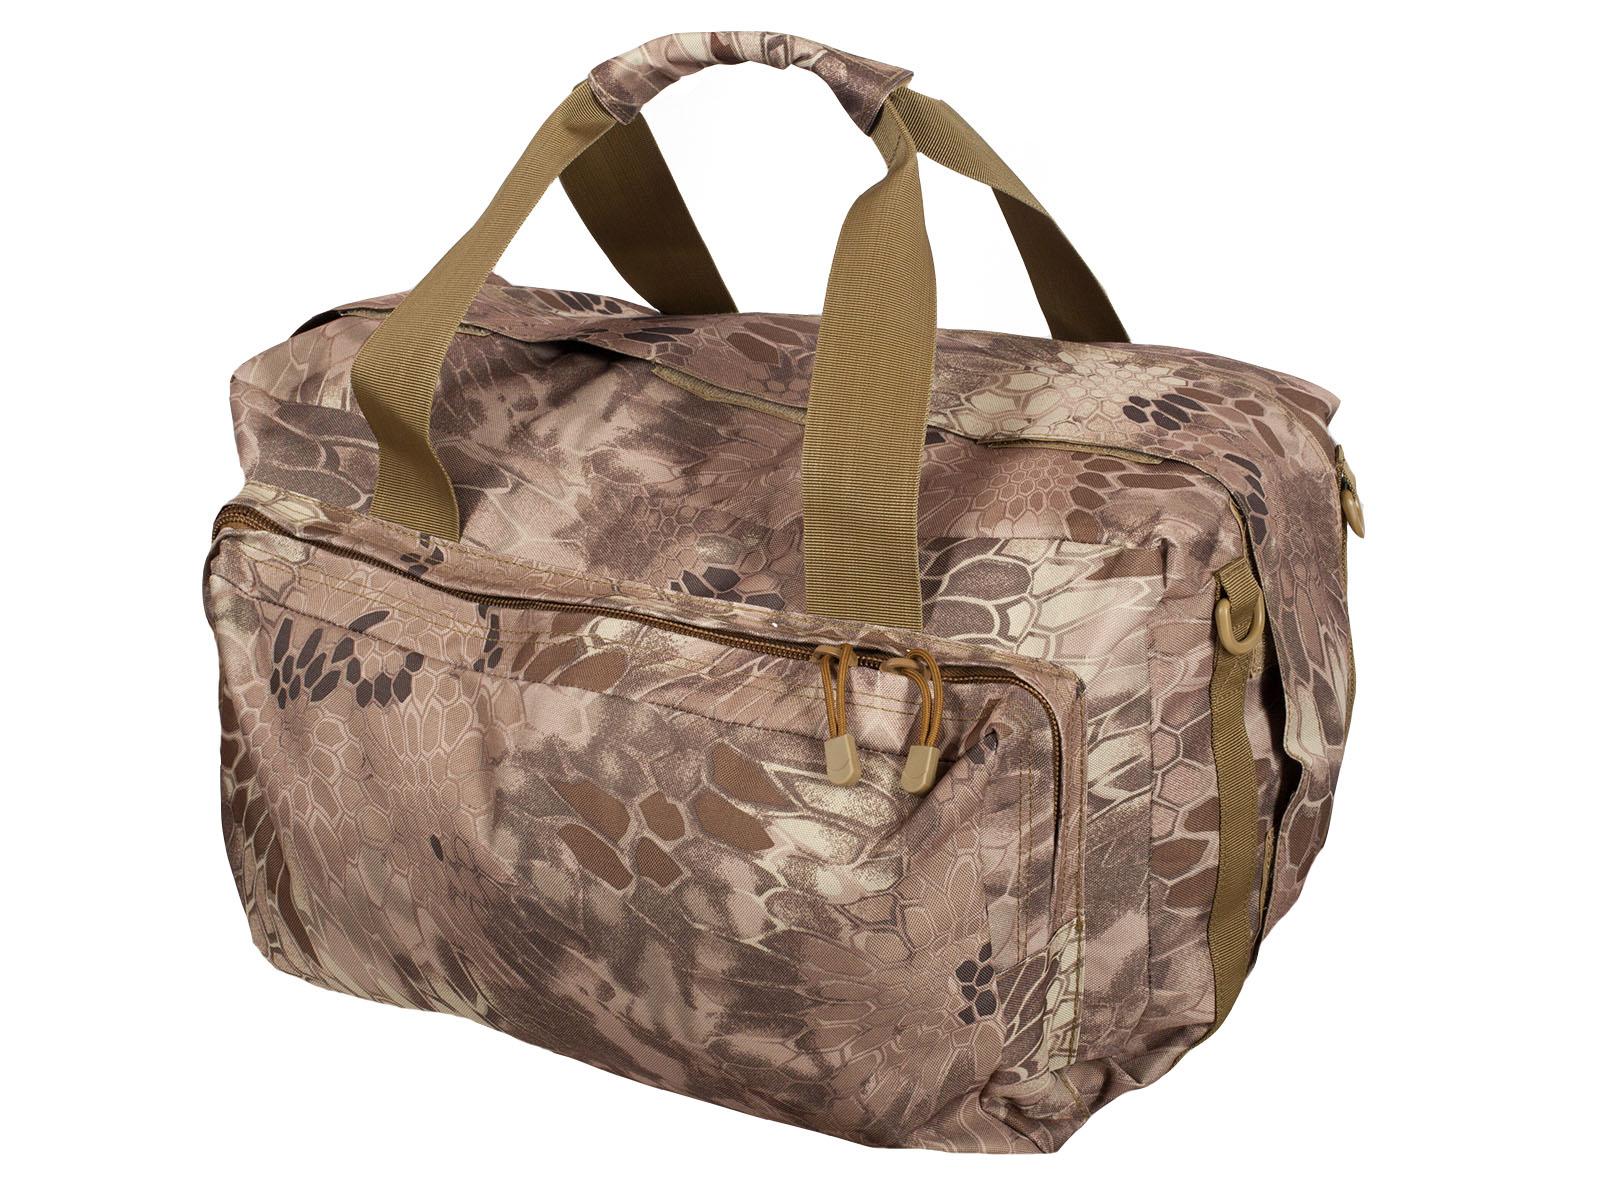 Дорожная сумка в камуфляже Kryptek Nomad с шевроном Рыболовного спецназа заказать с доставкой или самовывозом